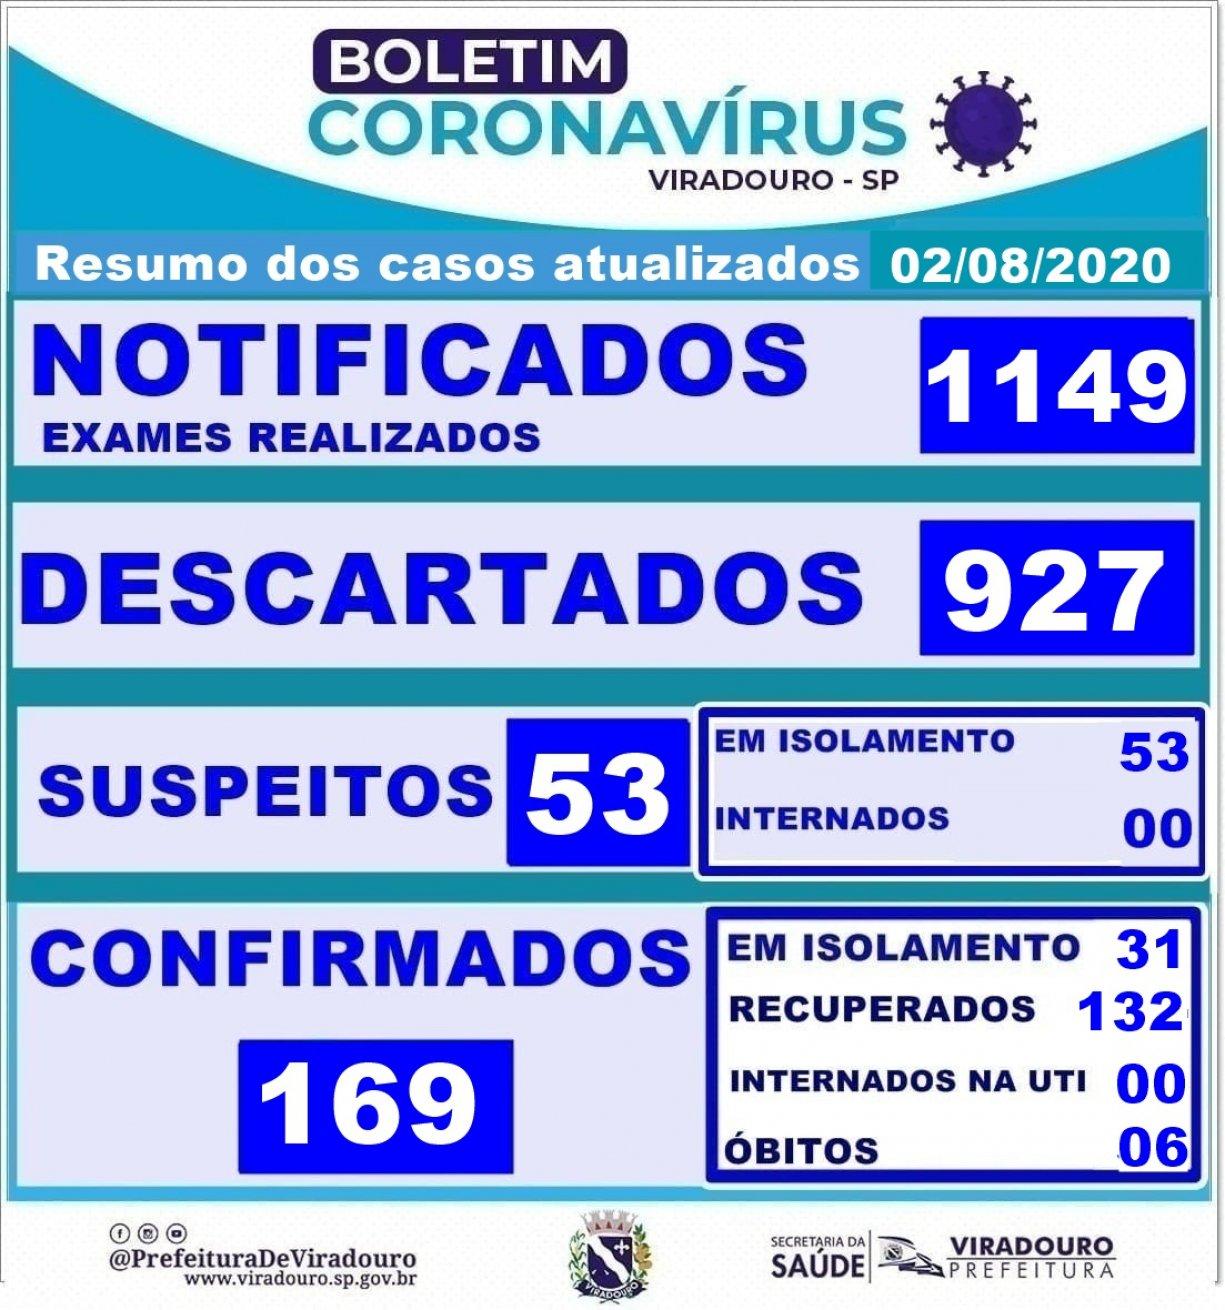 Boletim epidemiologico resumo dos casos atualizados em 02/08/2020